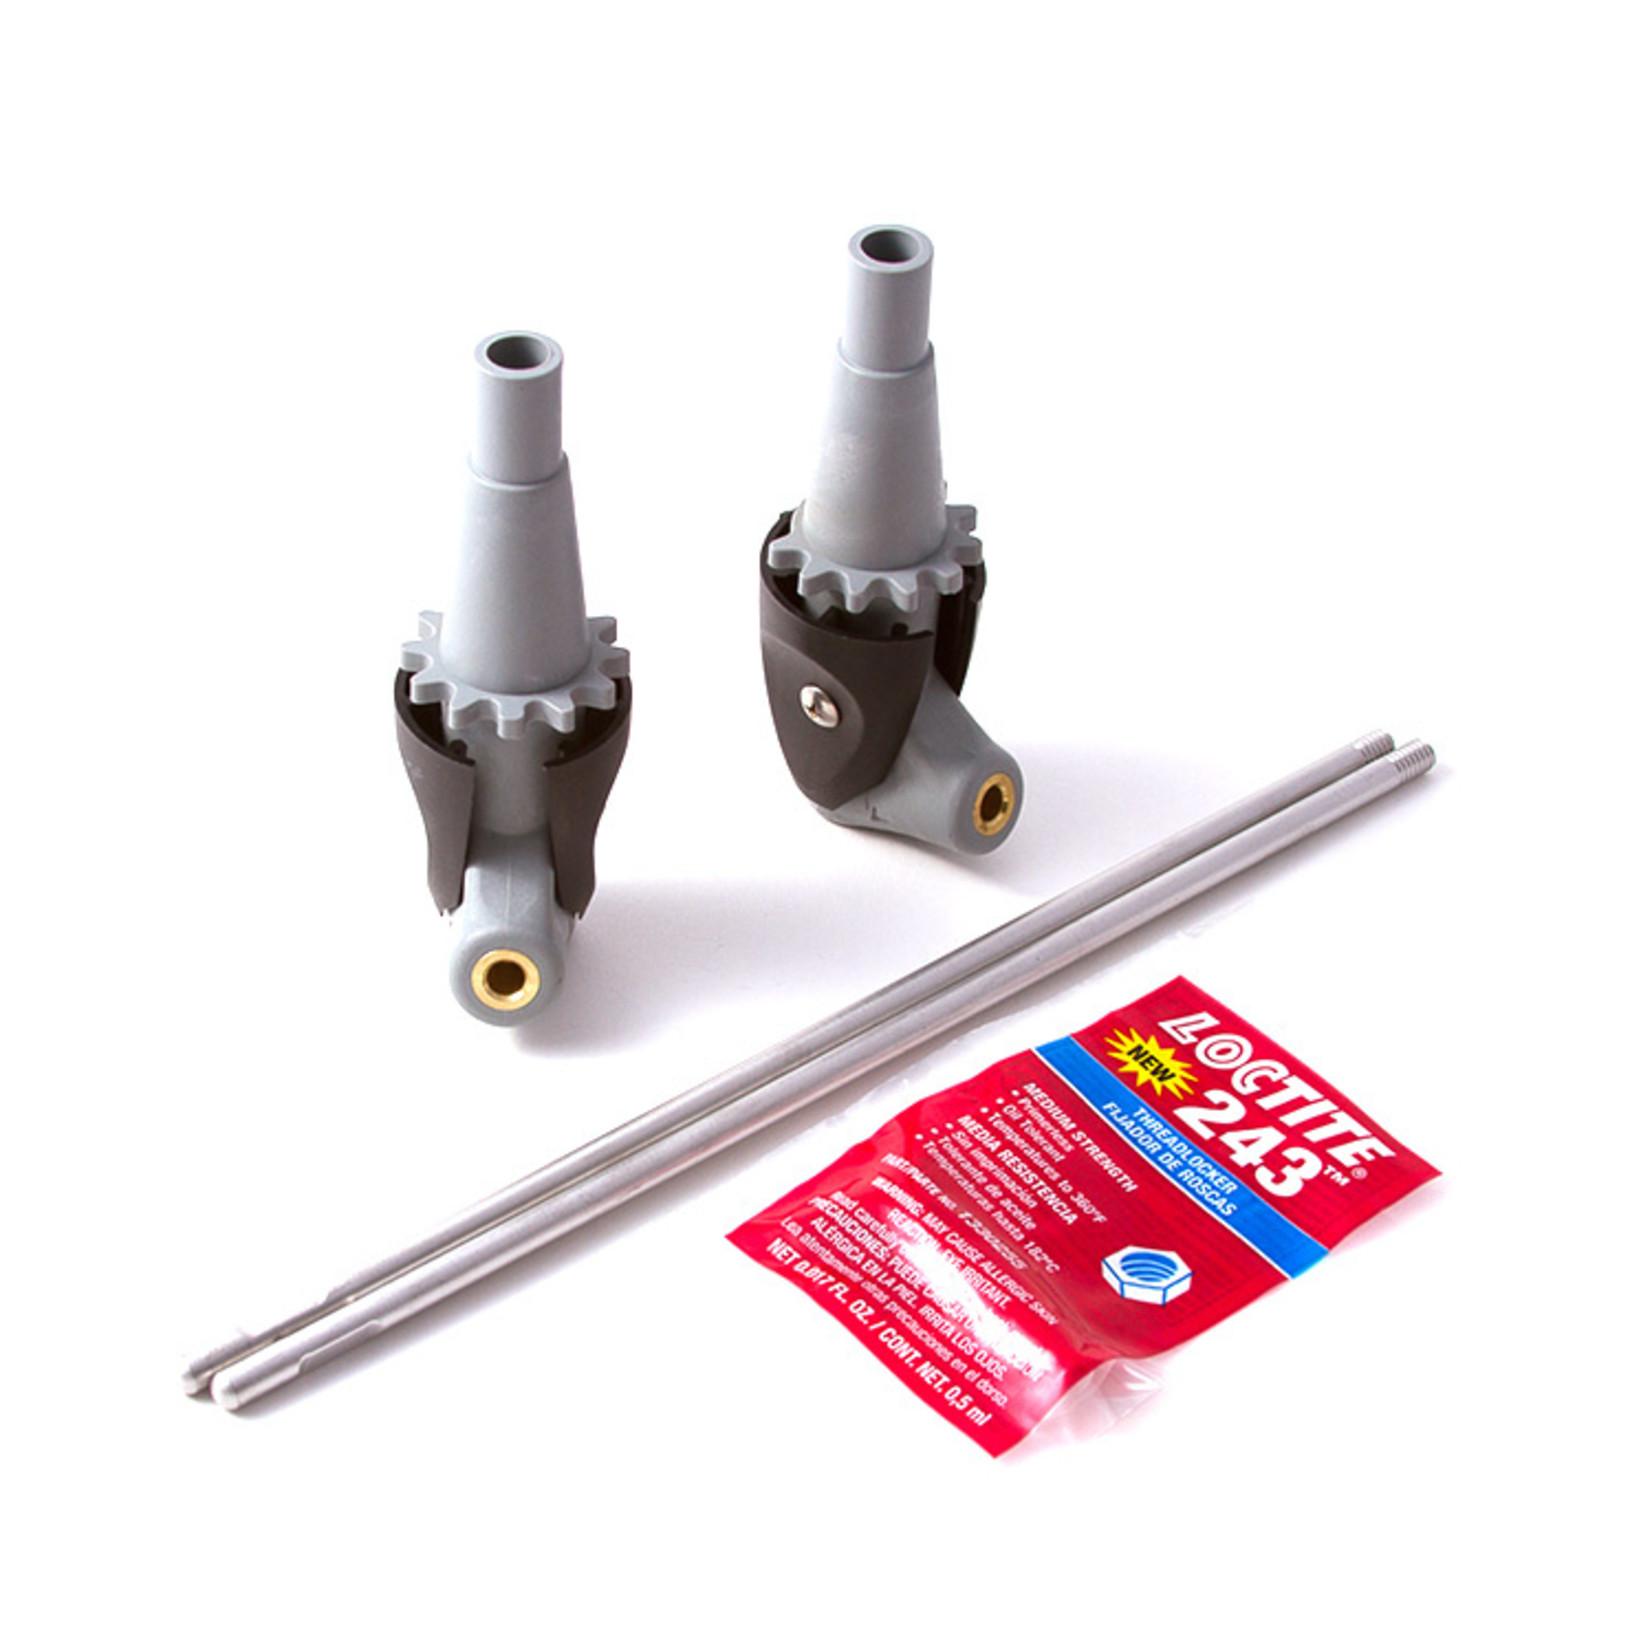 Hobie Gt Sprocket / Mast Kit Std